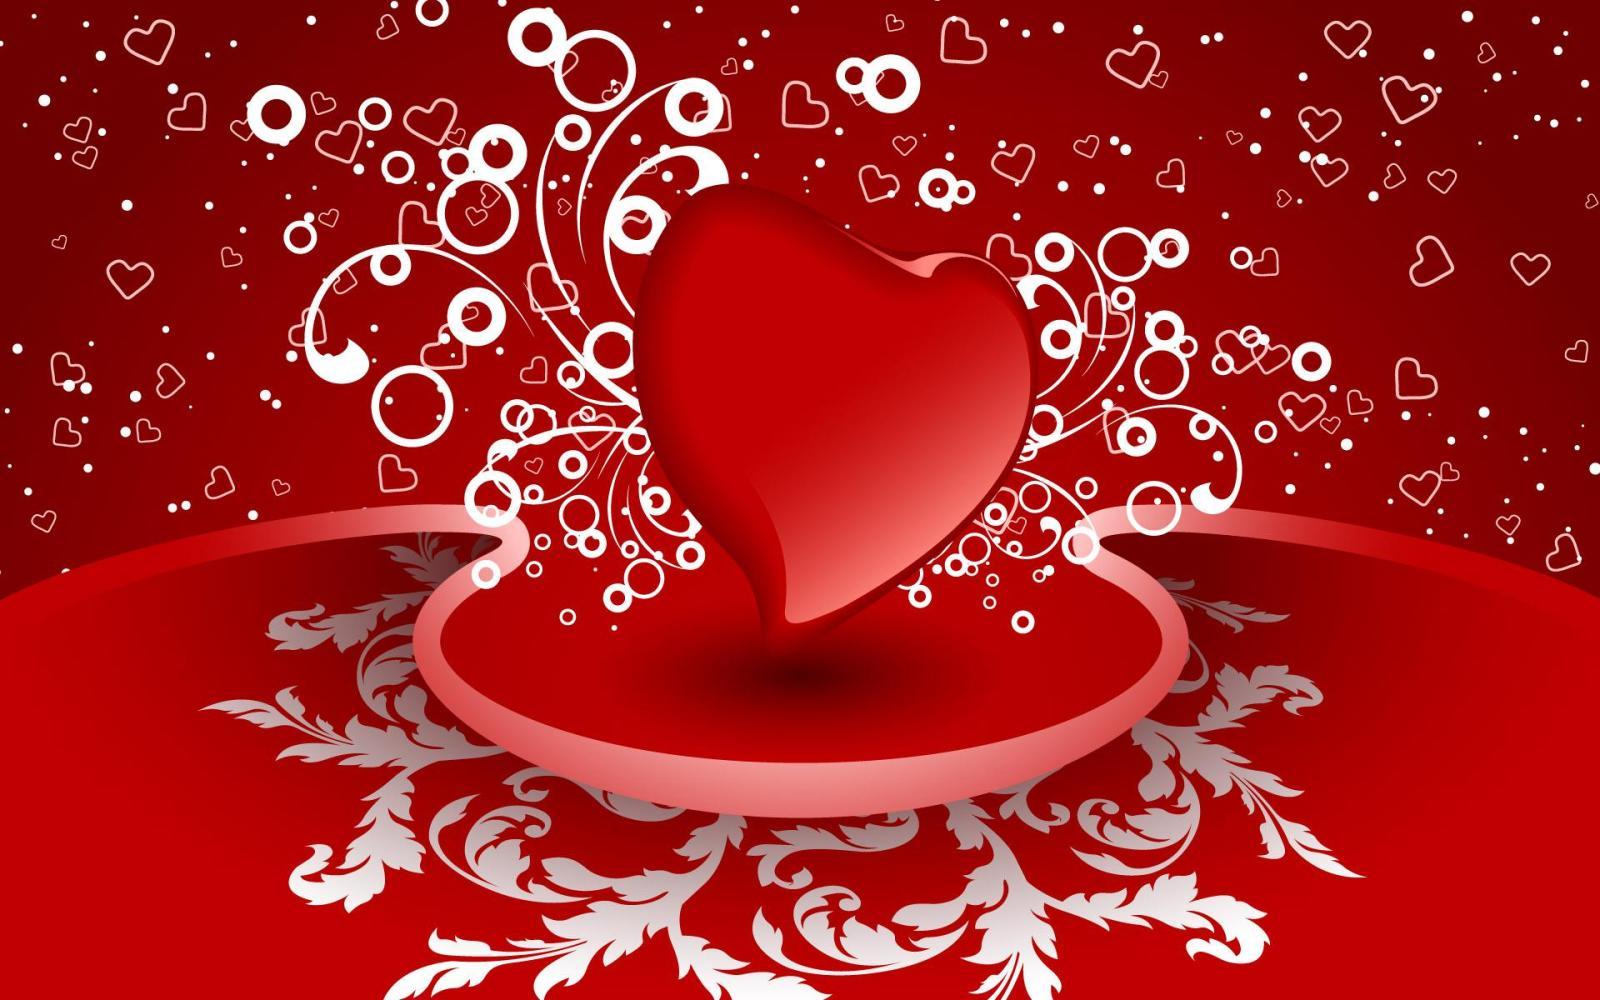 خلفيات بلاك بيري عيد الحب 2014 , صور بي بي تهنئة بعيد الحب 2014 ,BlackBerry